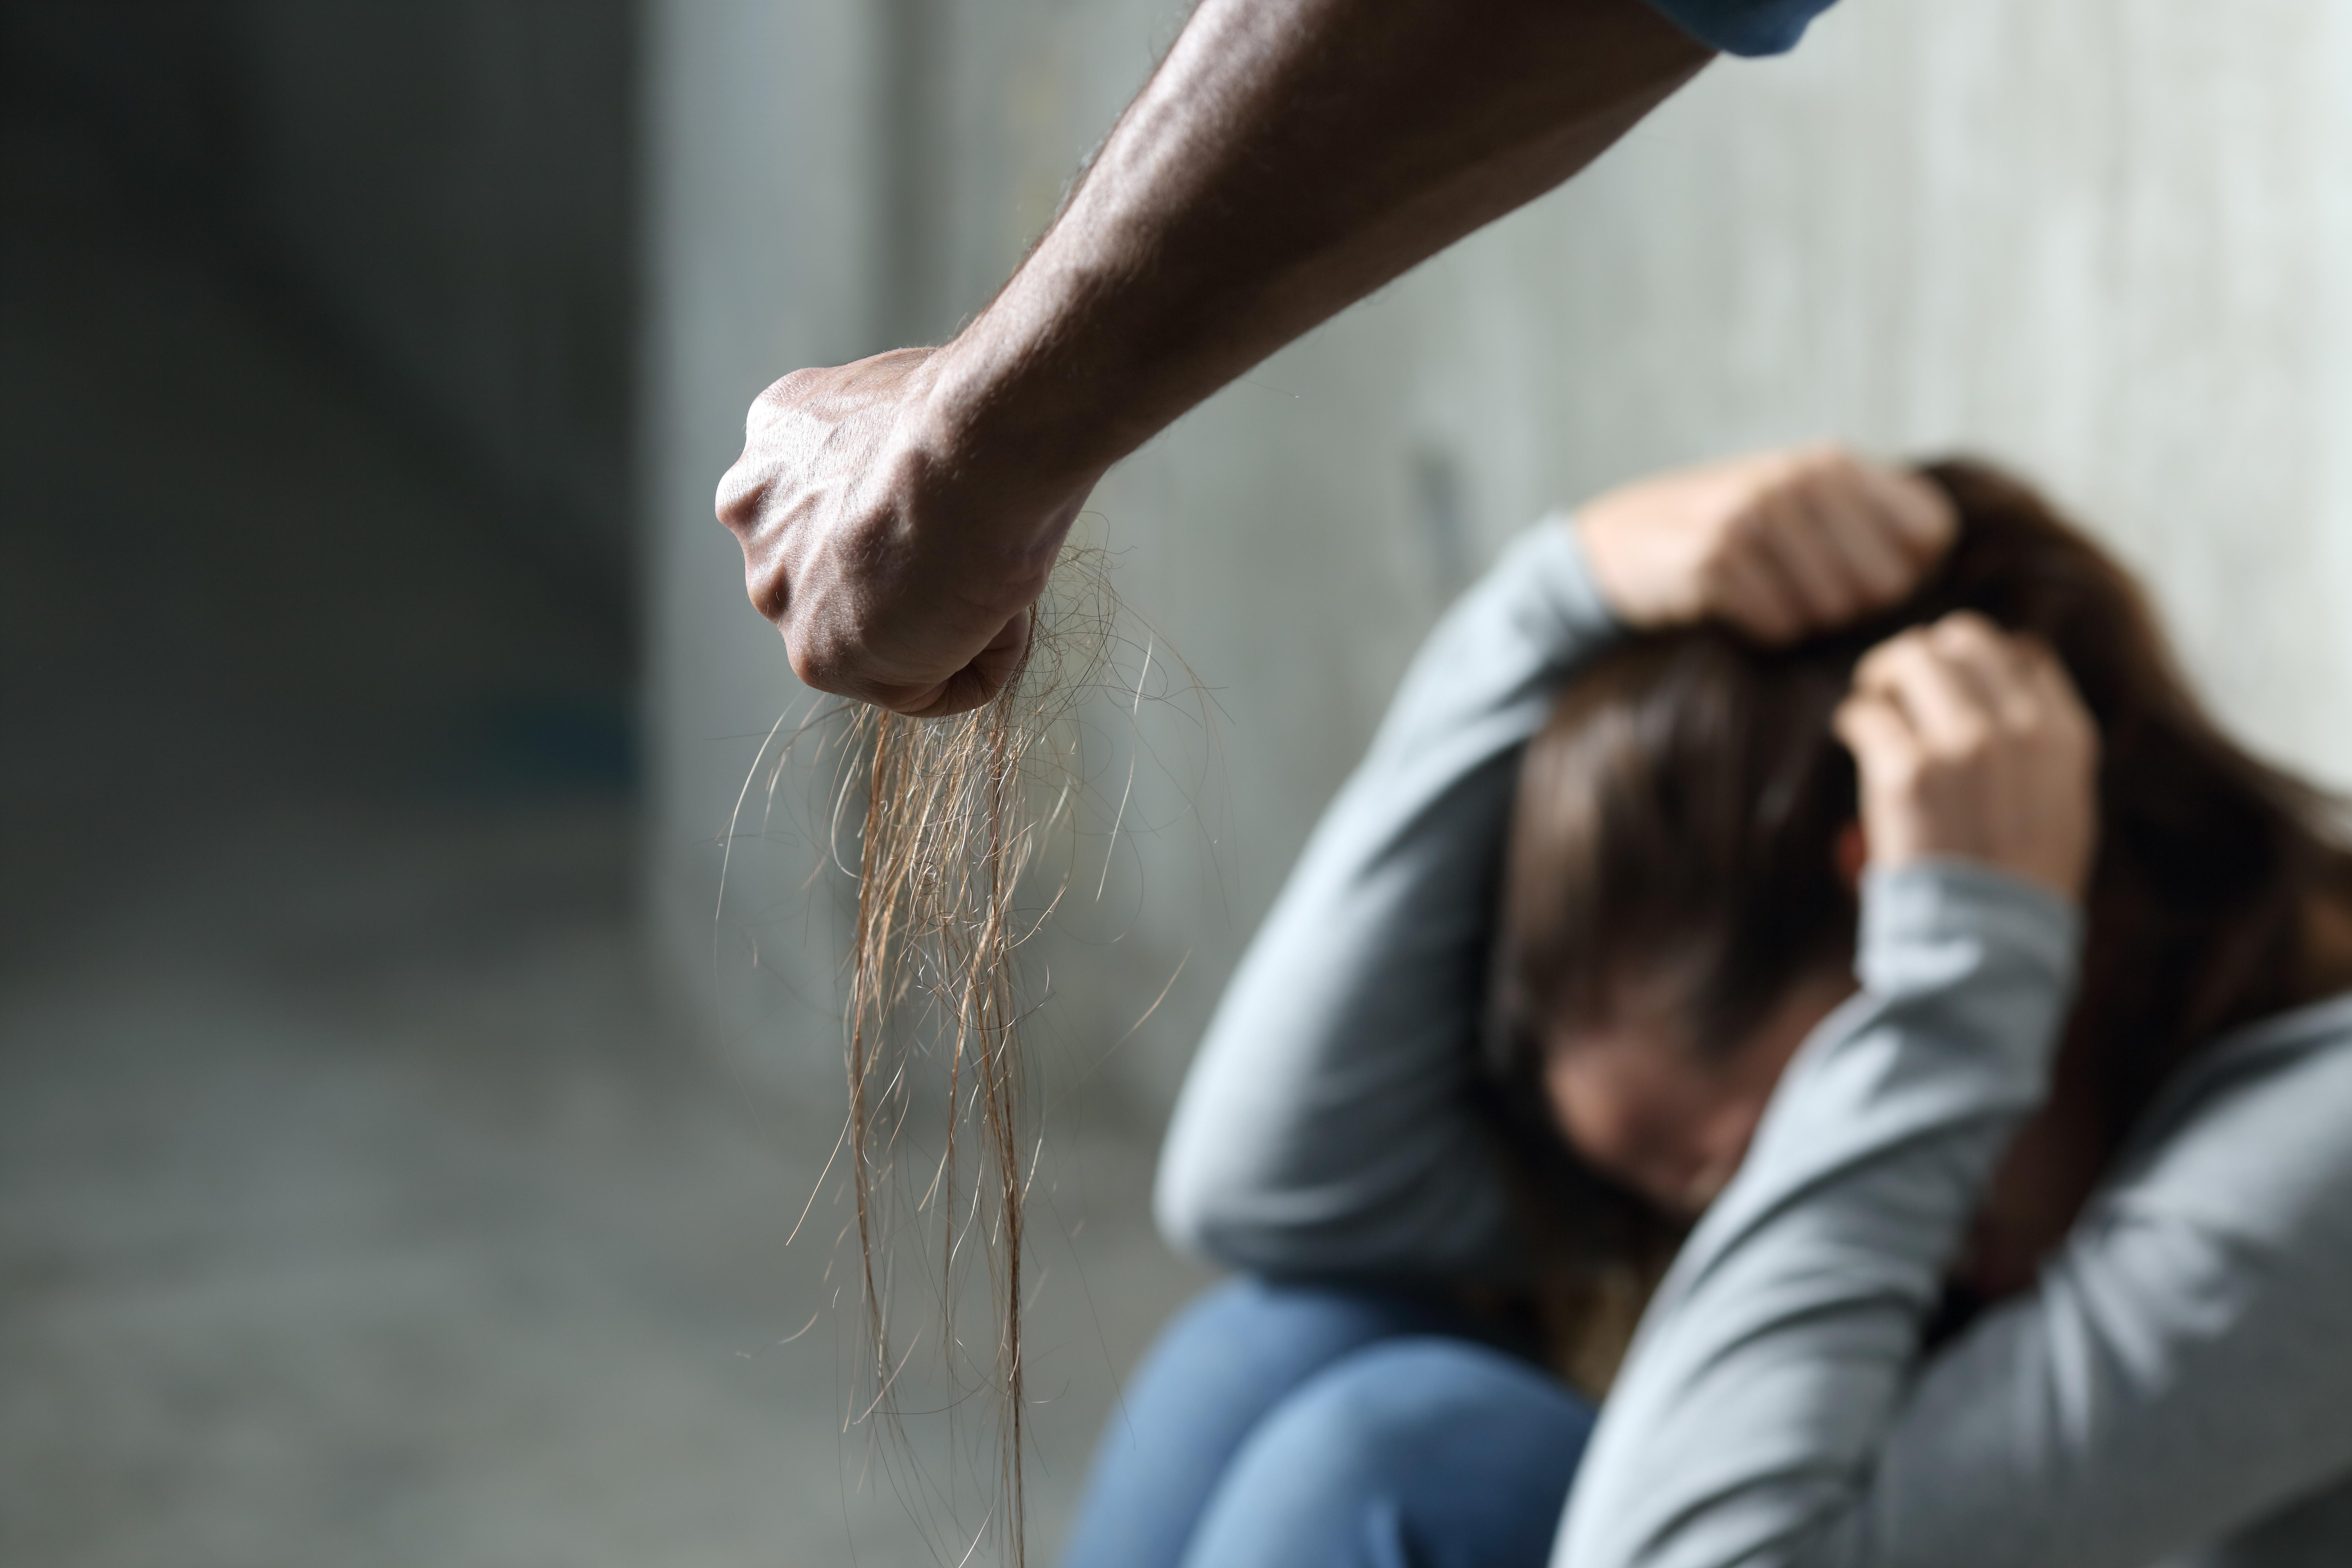 ▲▼示意圖,社會,害怕,女孩,哭,虐童,暴力,家暴,受傷。(圖/123RF)